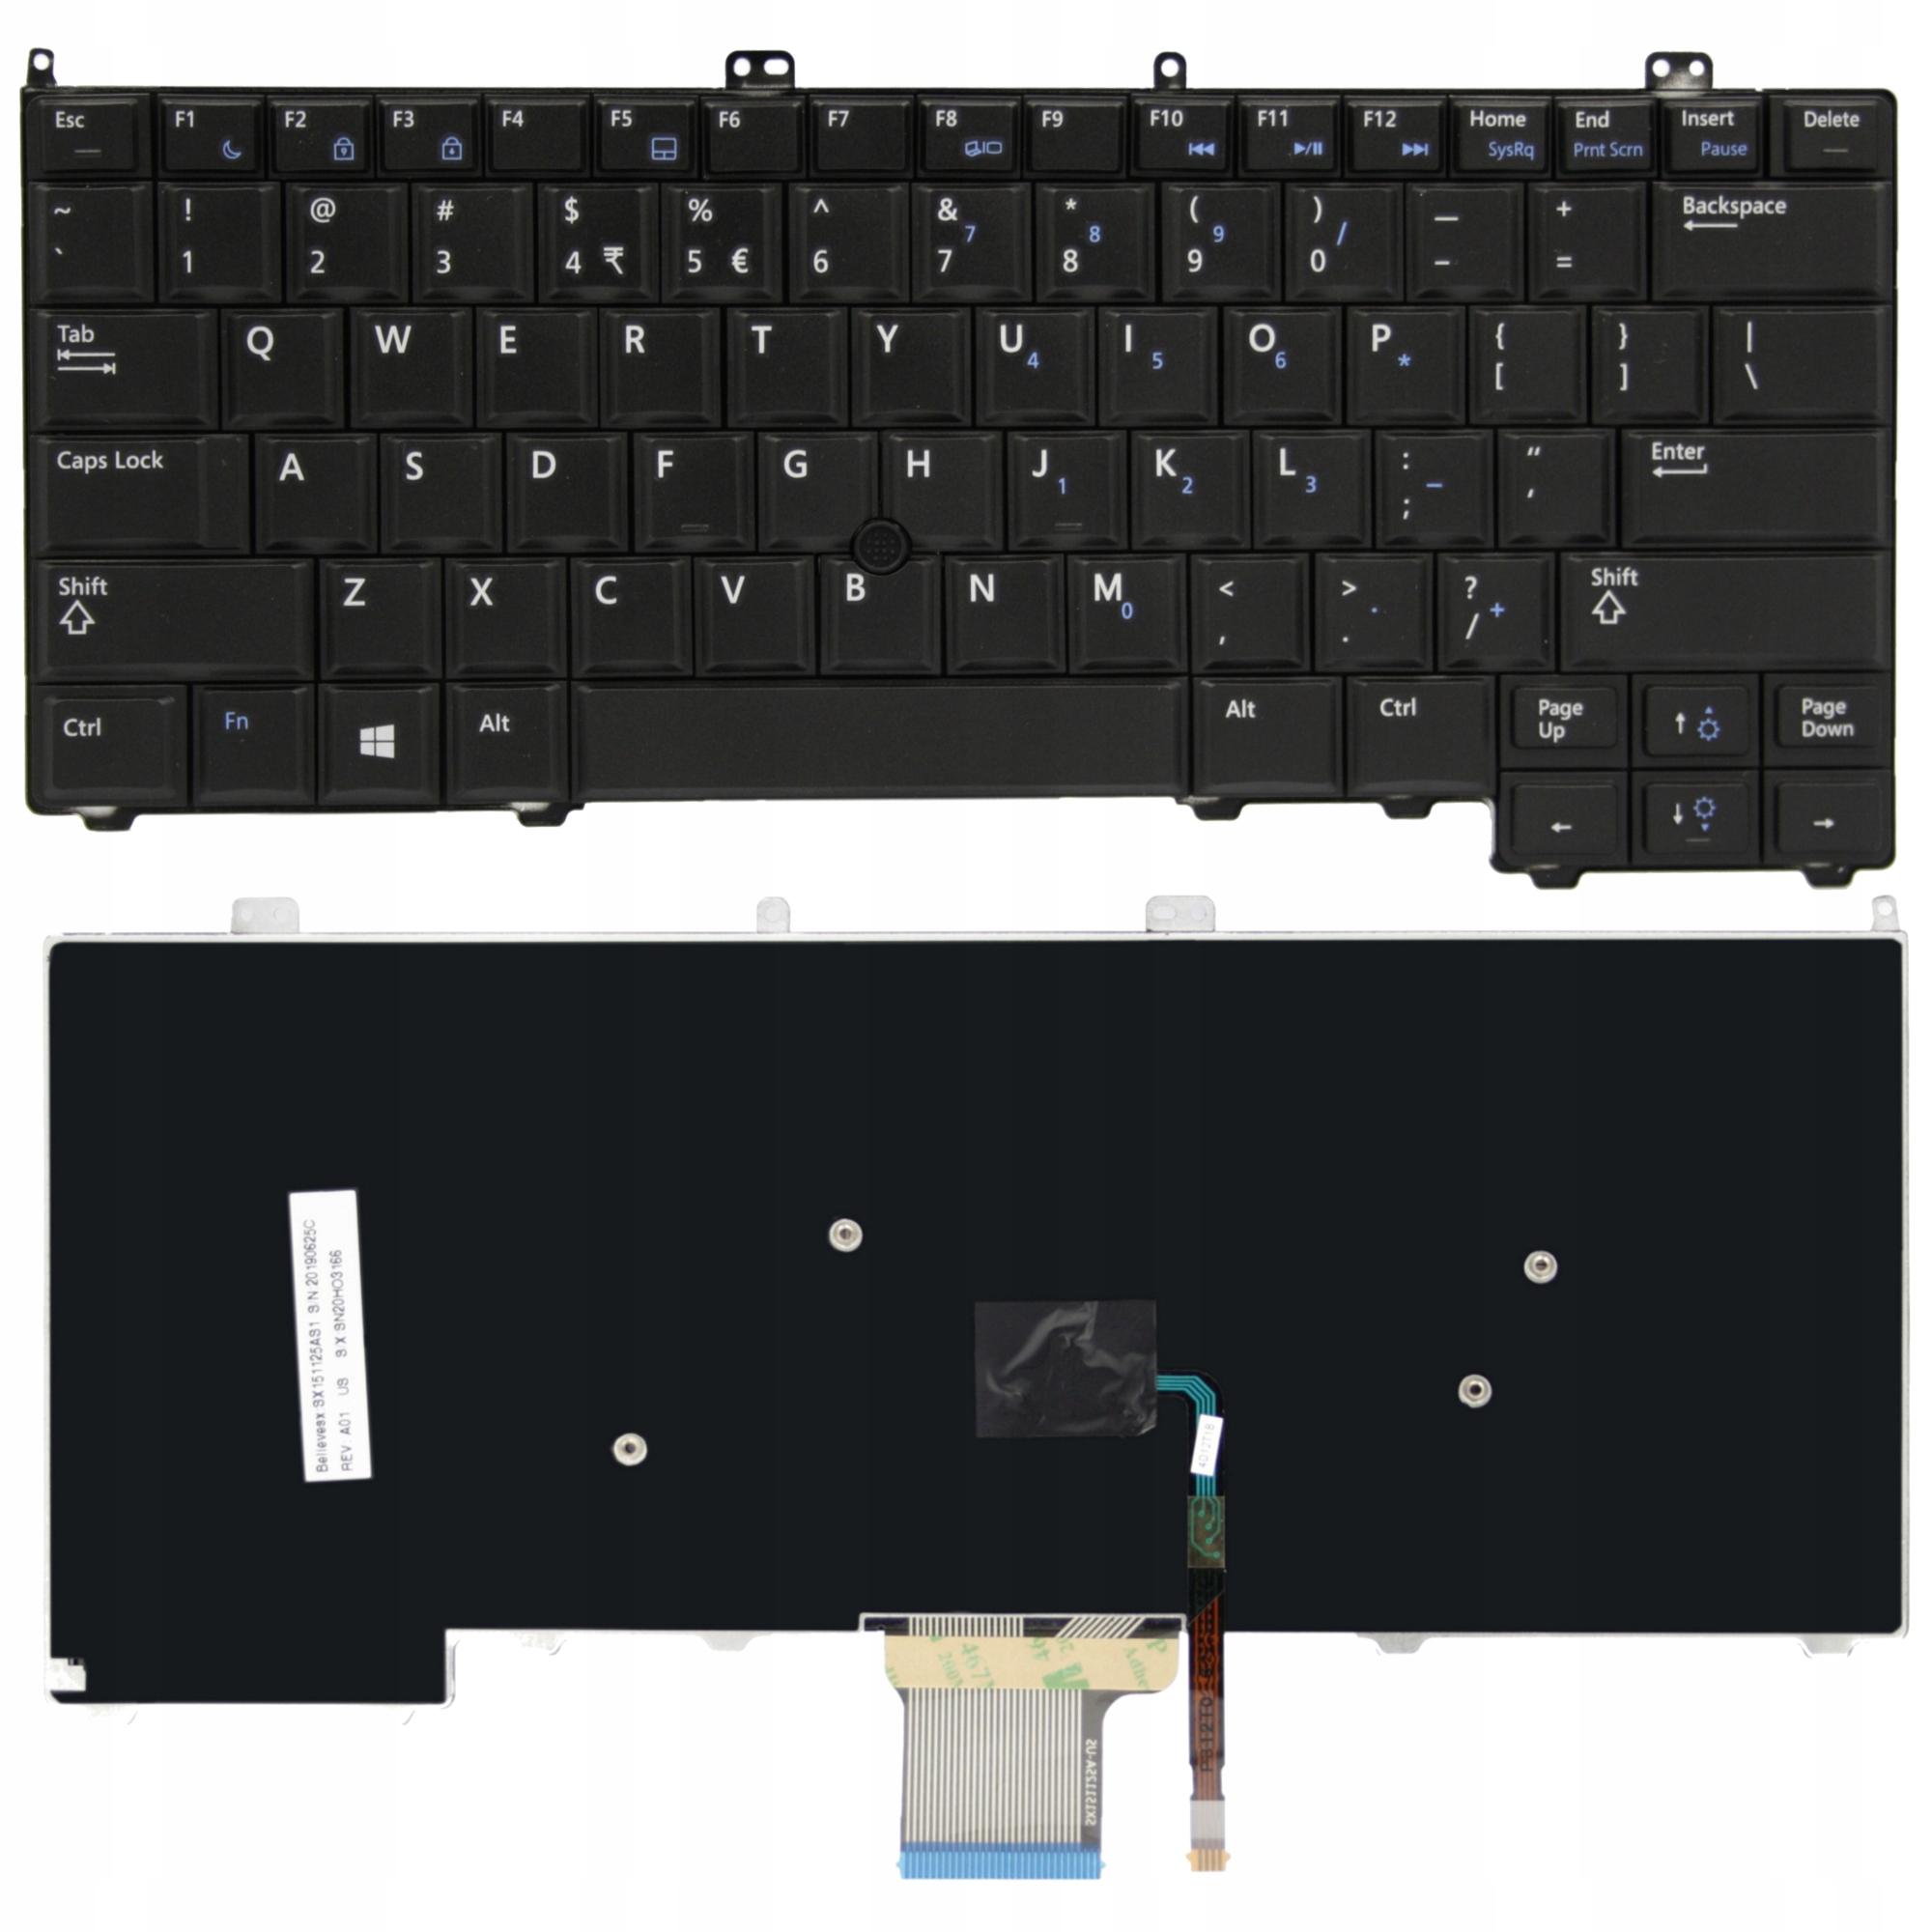 KLAWIATURA DELL E7440 E7240 E7420 - Klawiatury do laptopów